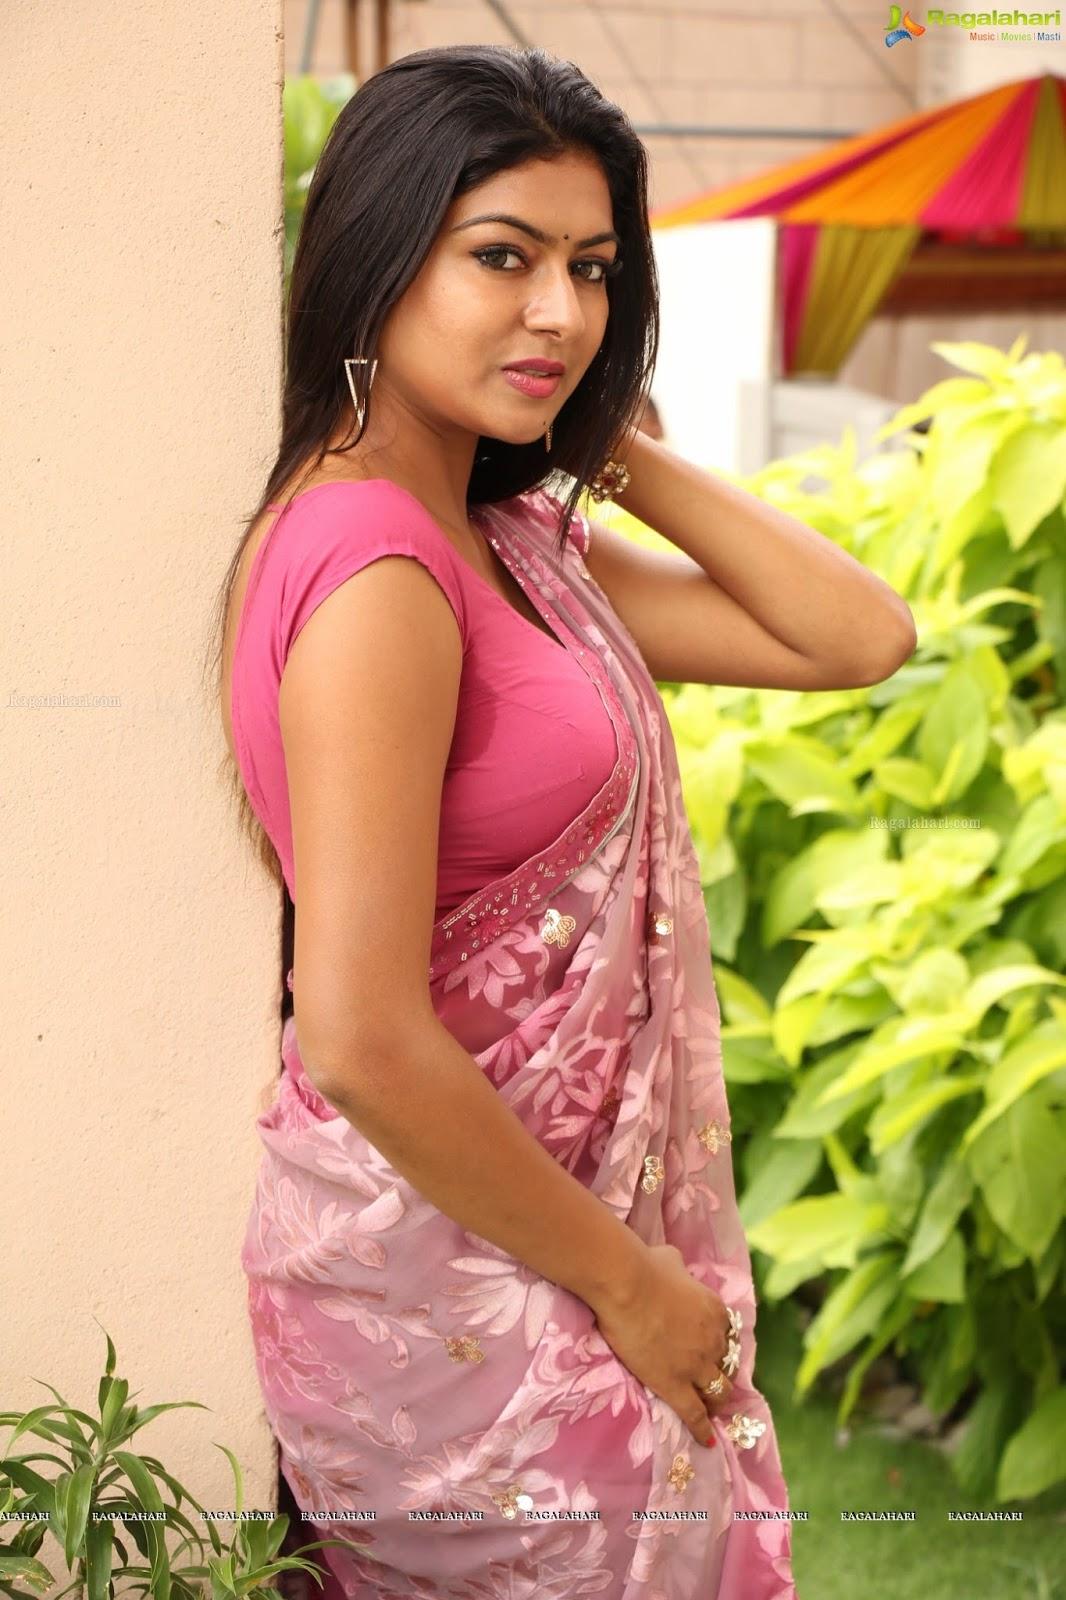 Indian Teen Saree Nudes - Pics Sex-7161